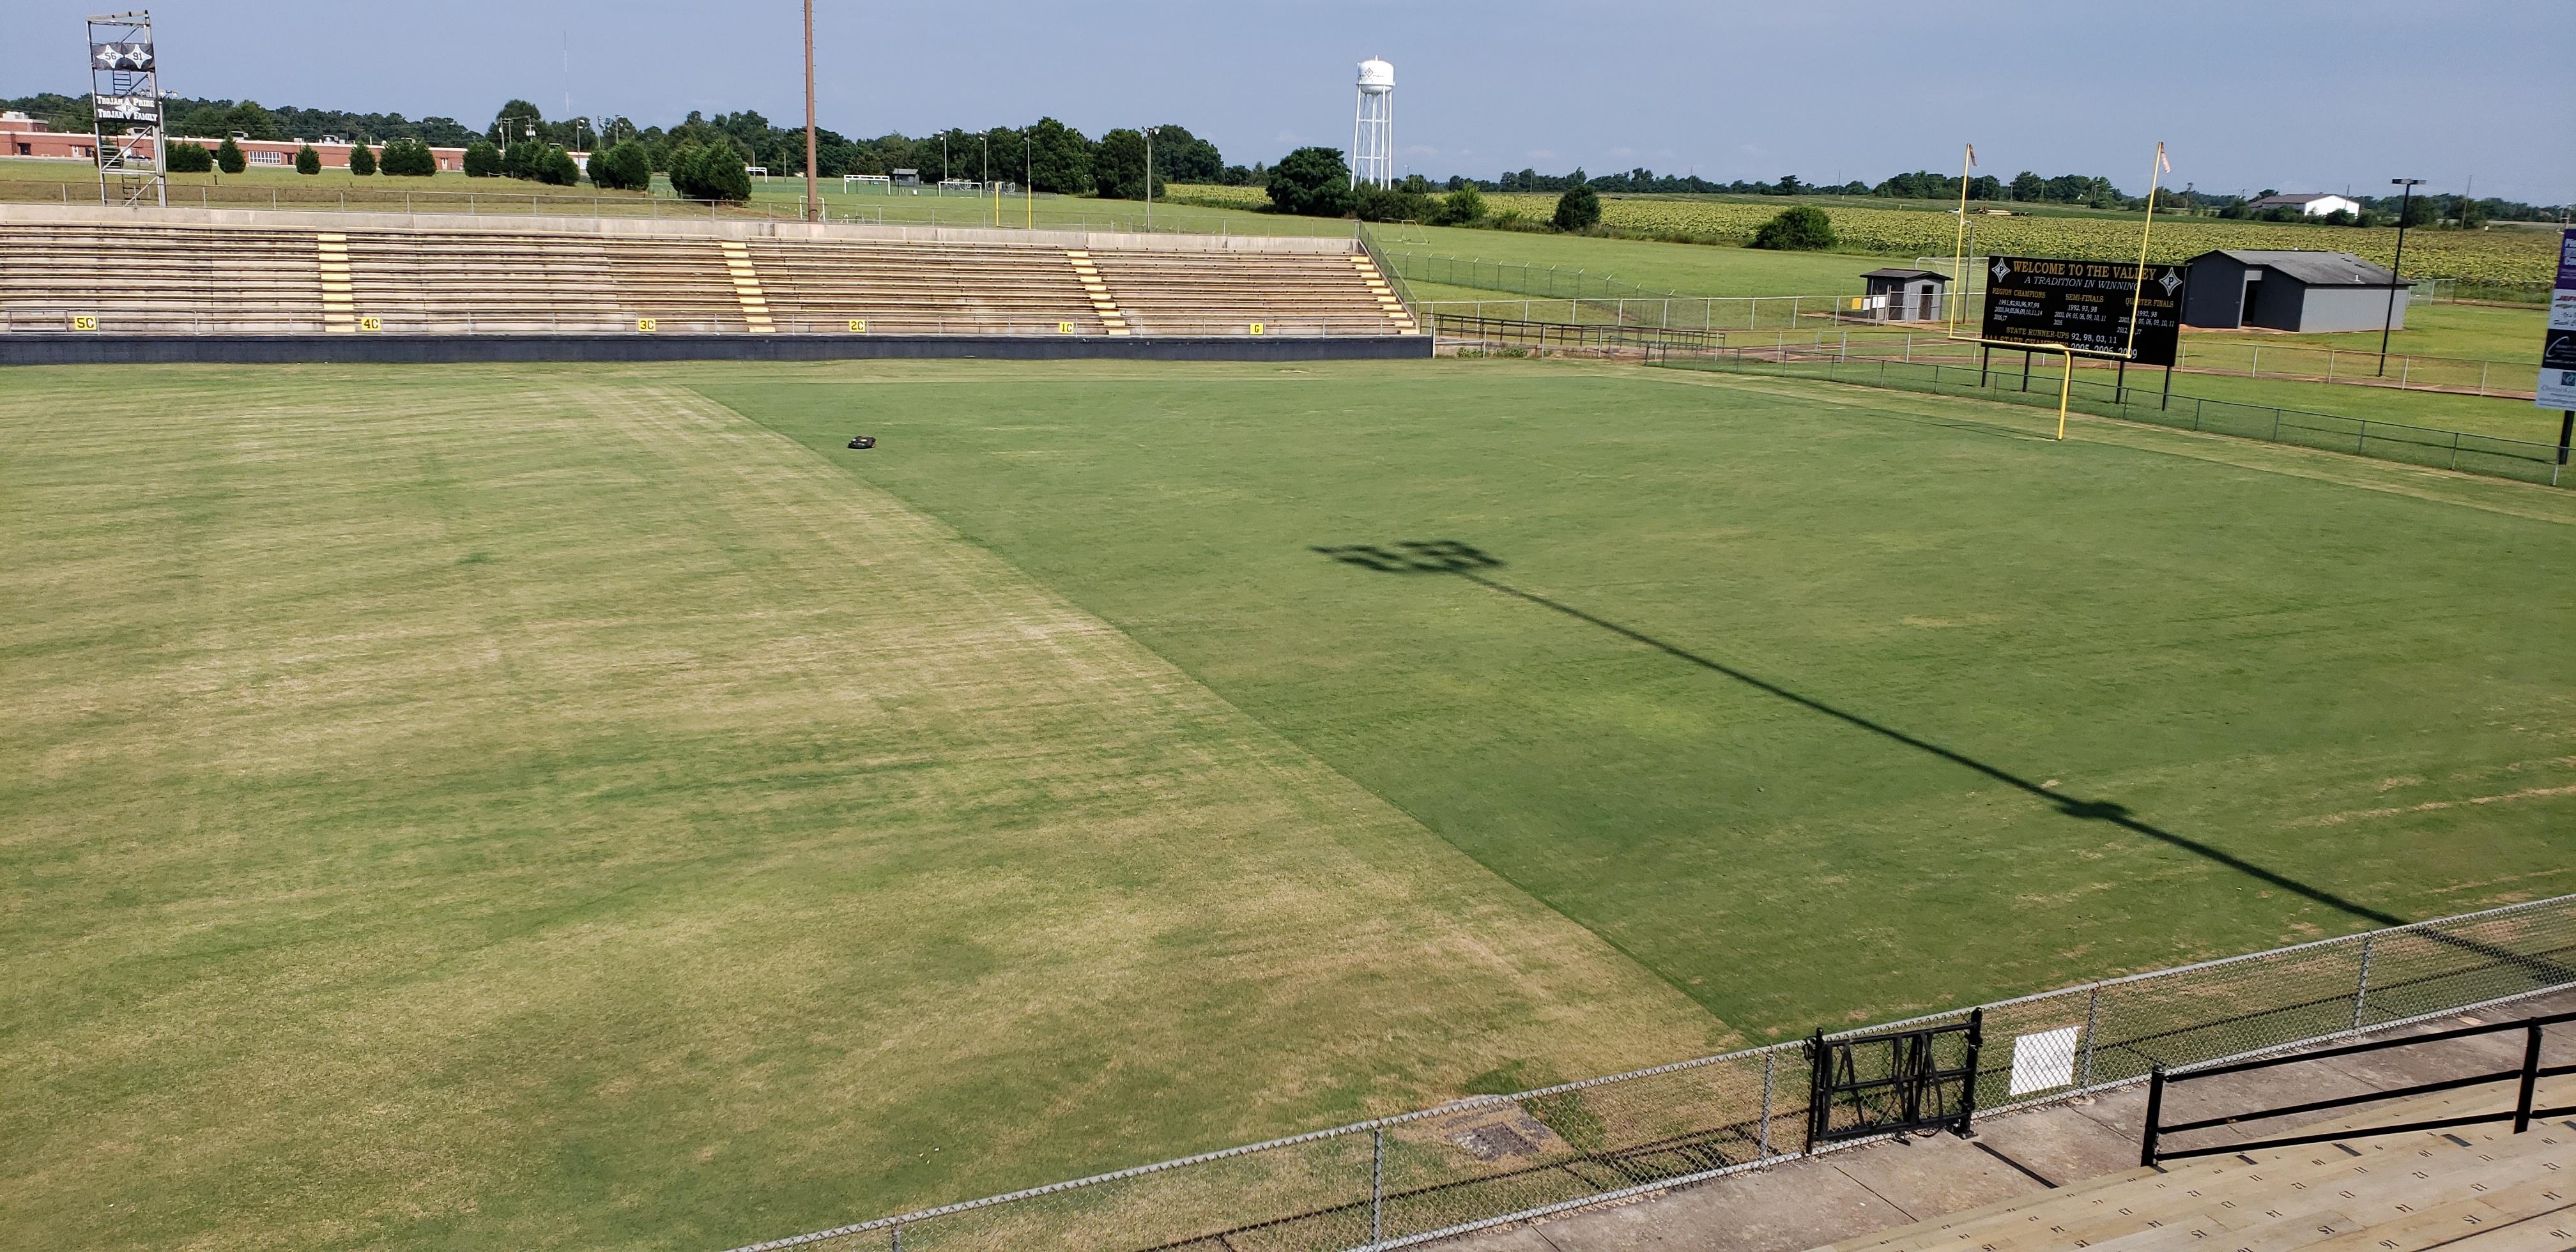 1 week of automower vs. reel mower on a football field